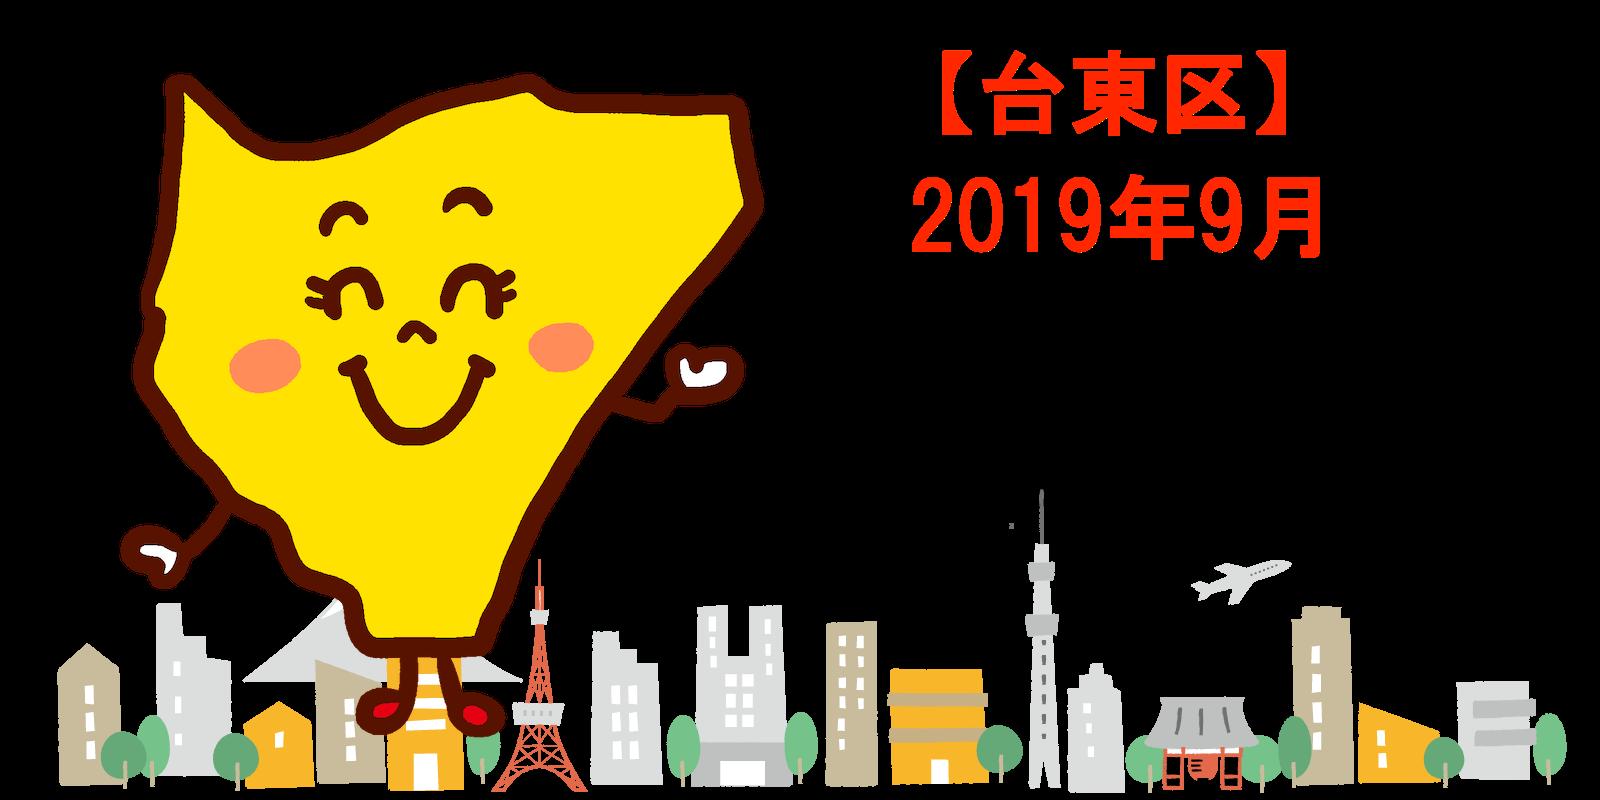 台東区中古マンション価格相場ランキング2019年9月